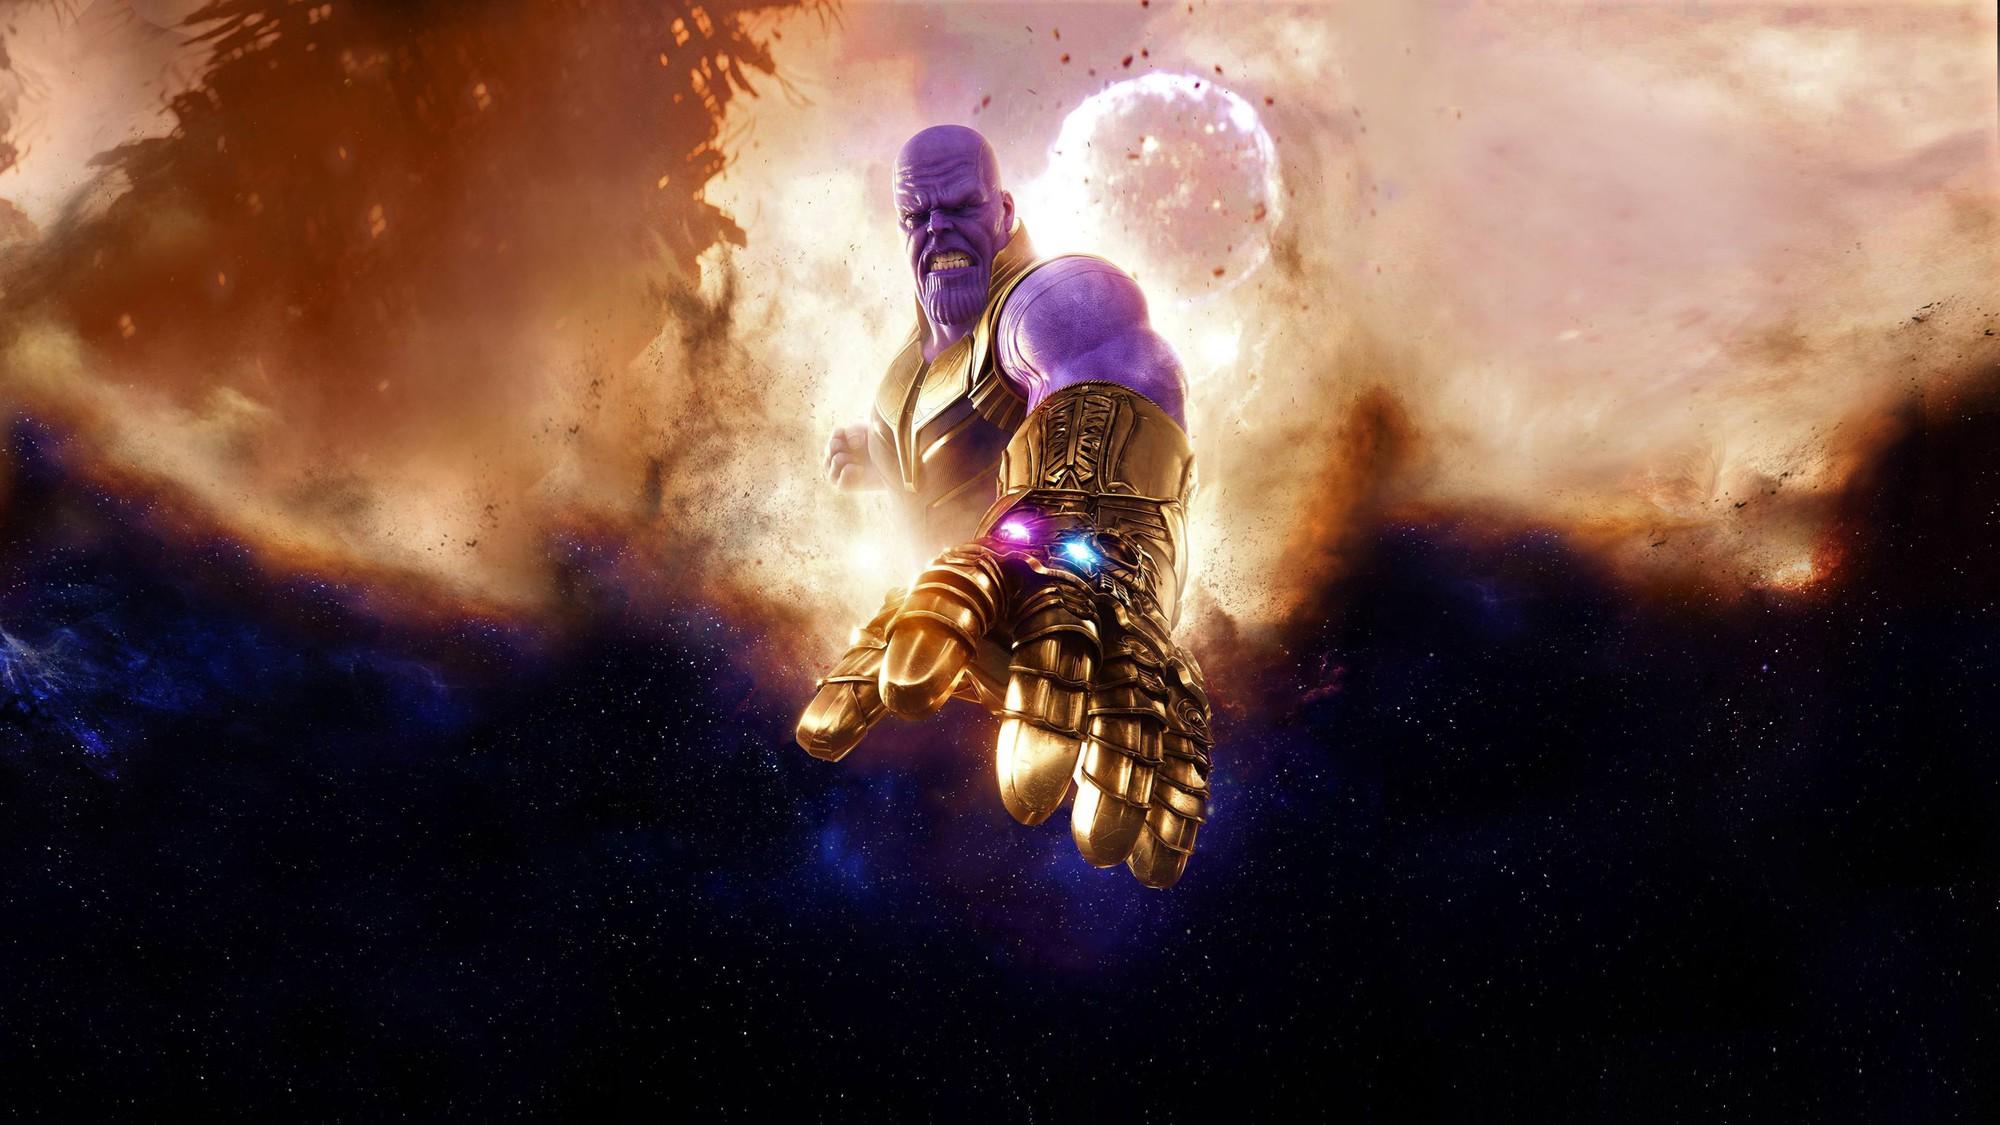 Vũ trụ có thực sự nên biết ơn Thanos về kế hoạch dân số vĩ đại của ông ta? - Ảnh 1.